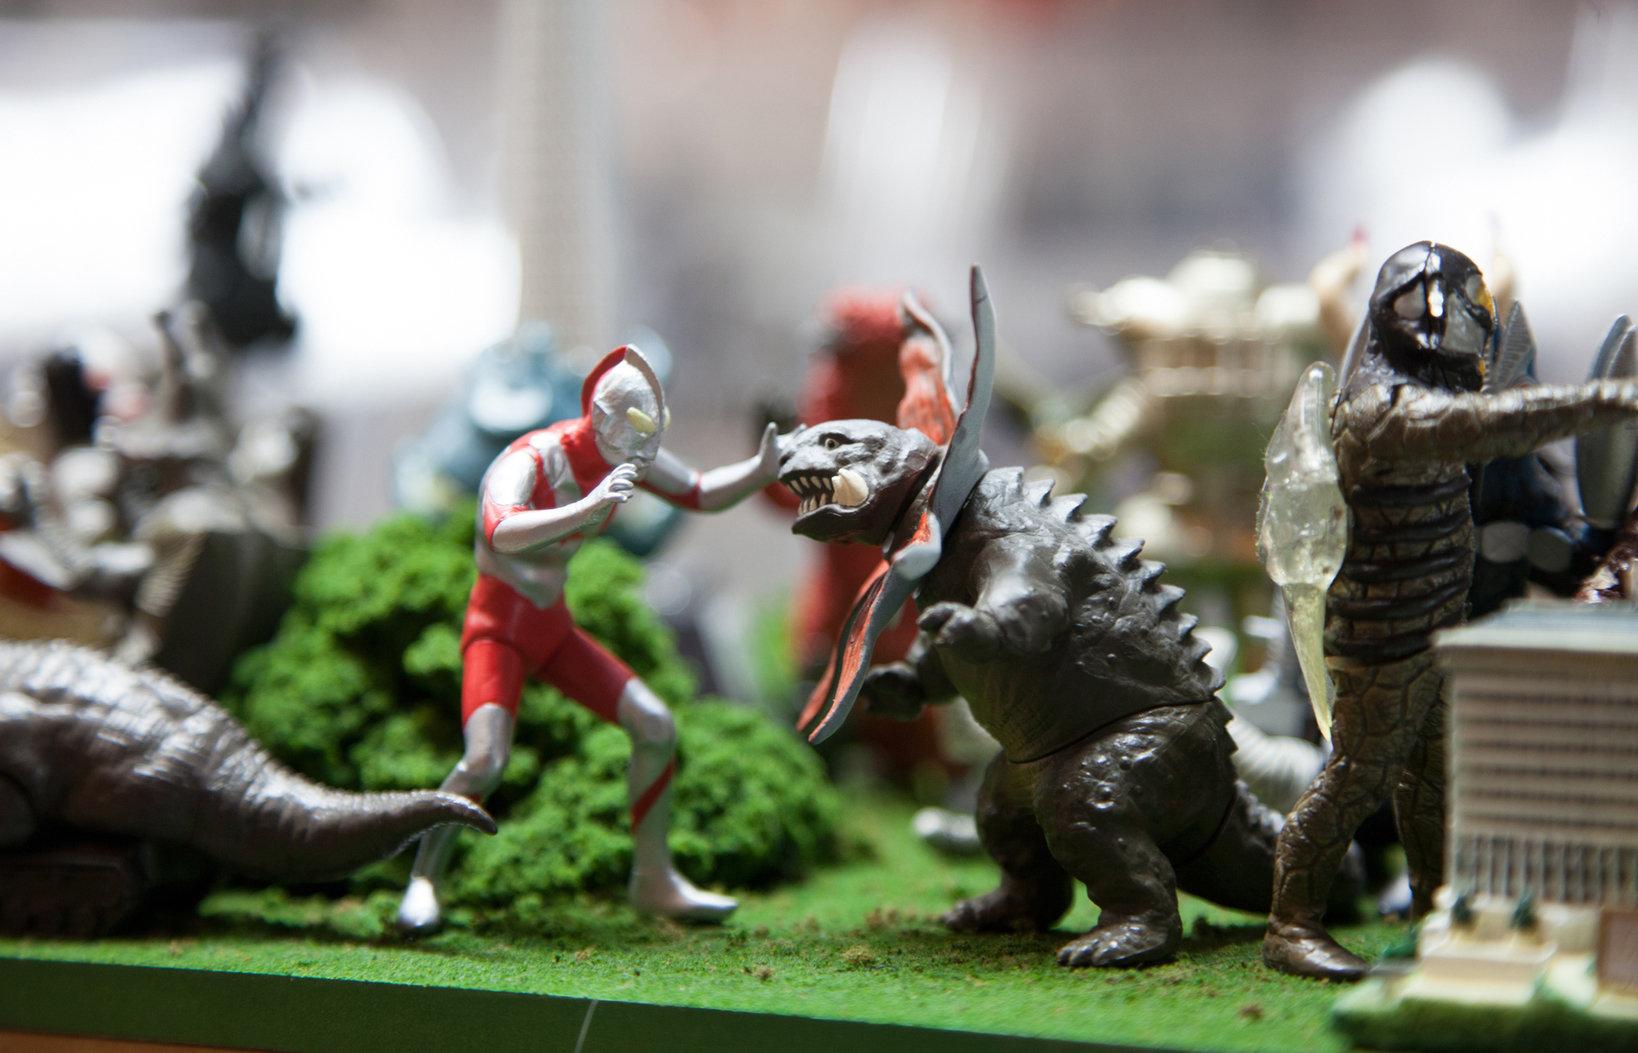 映画のシーンを再現した展示もあり、怪獣好きにはたまらない空間